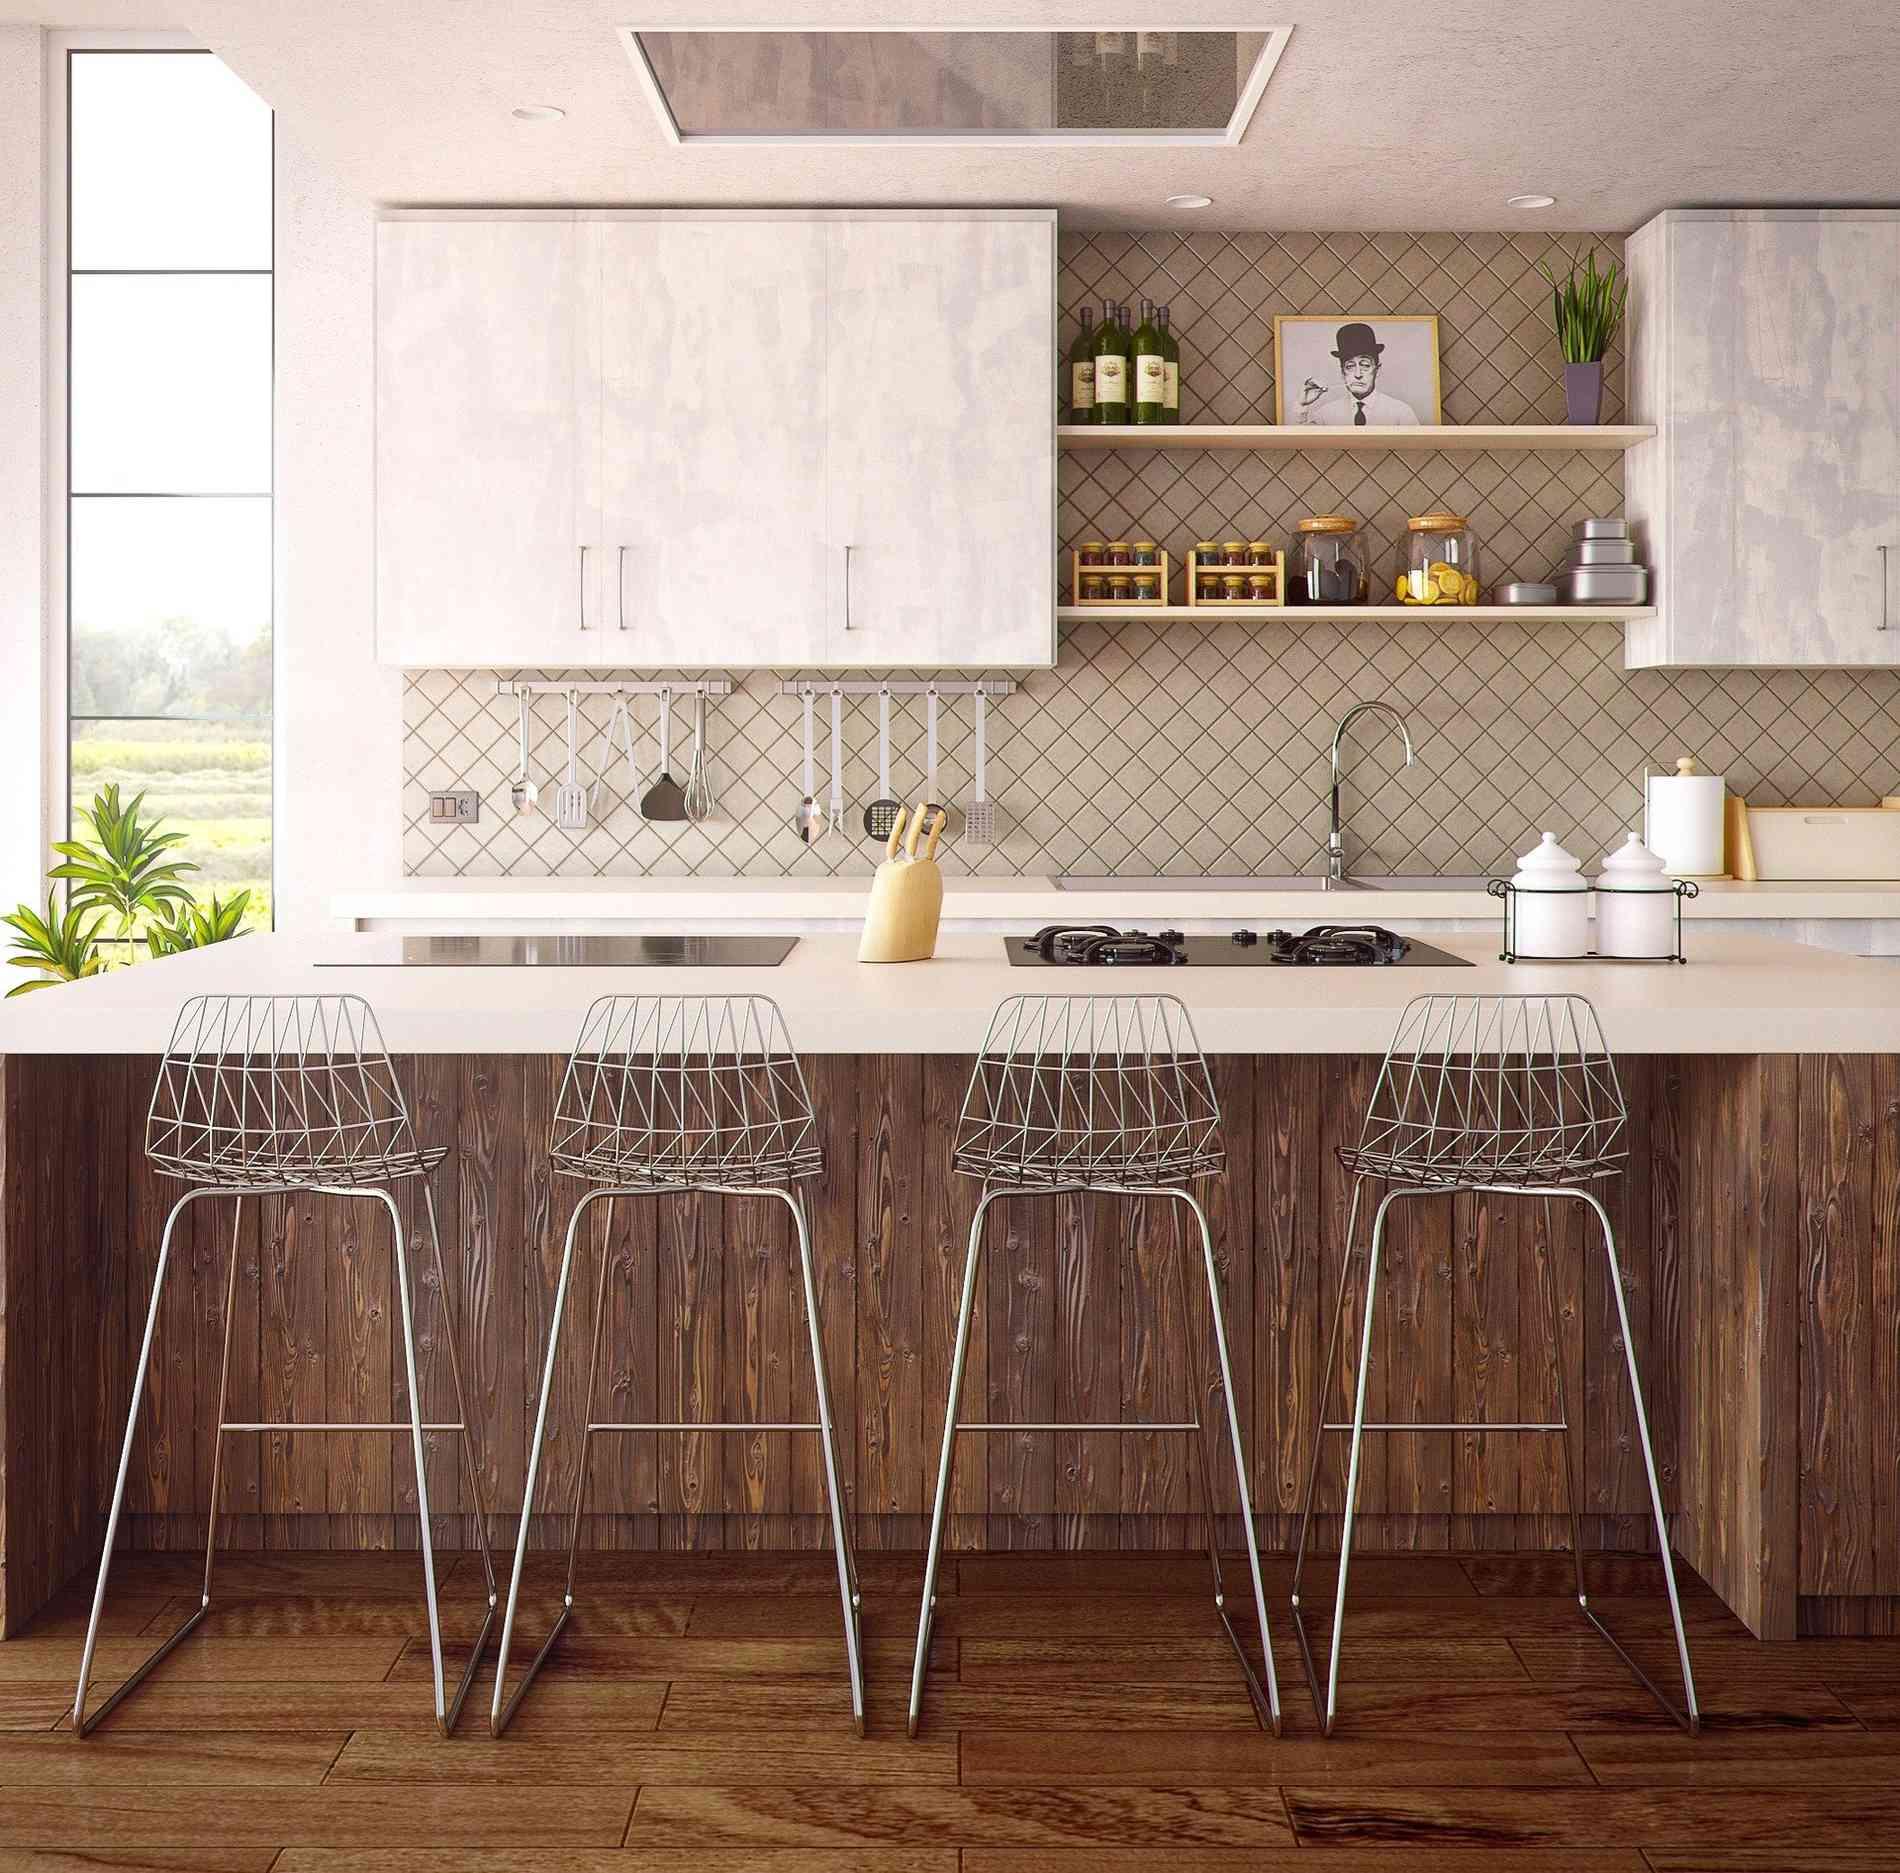 Modelo de cozinha integrada - Pixabay